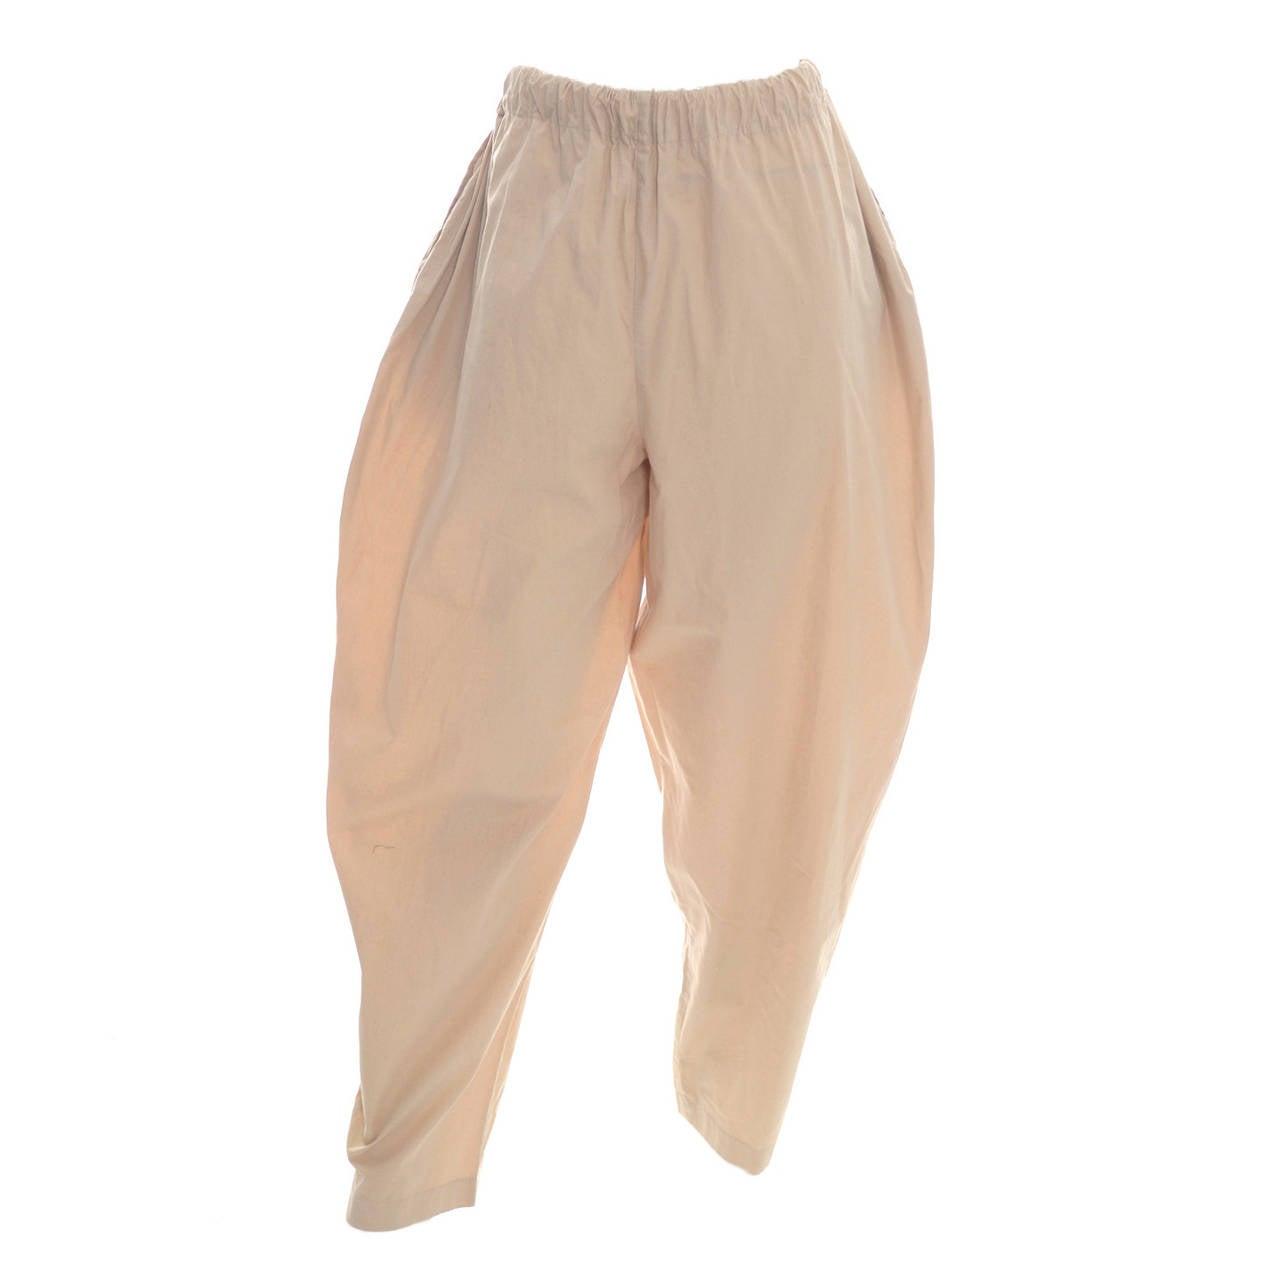 1980s Patrick Kelly Paris Rare Vintage Harem Parachute Style Pants For Sale